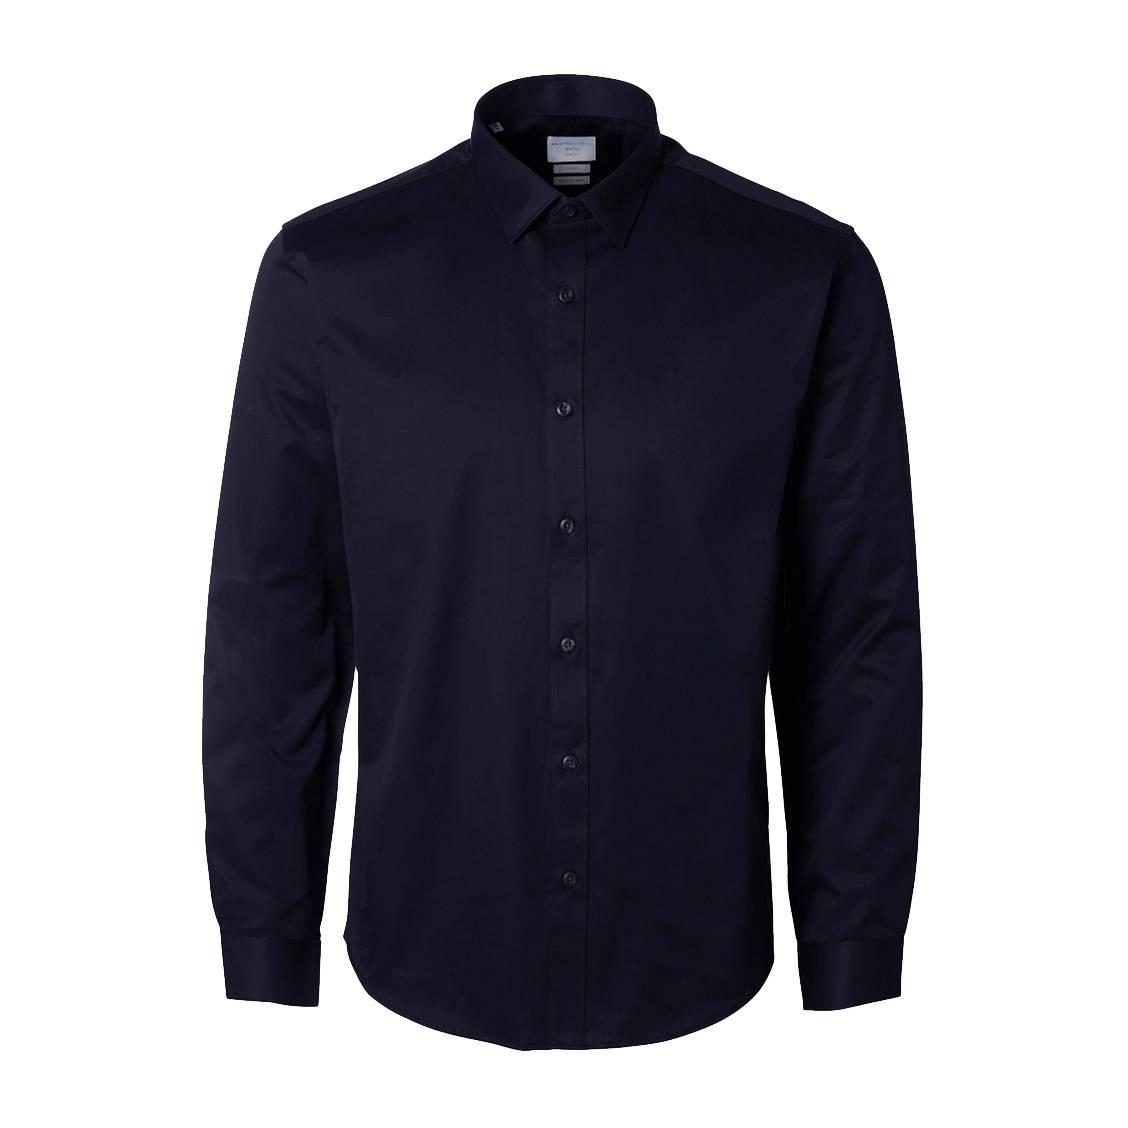 Chemise cintrée  en coton bleu marine, repassage facile